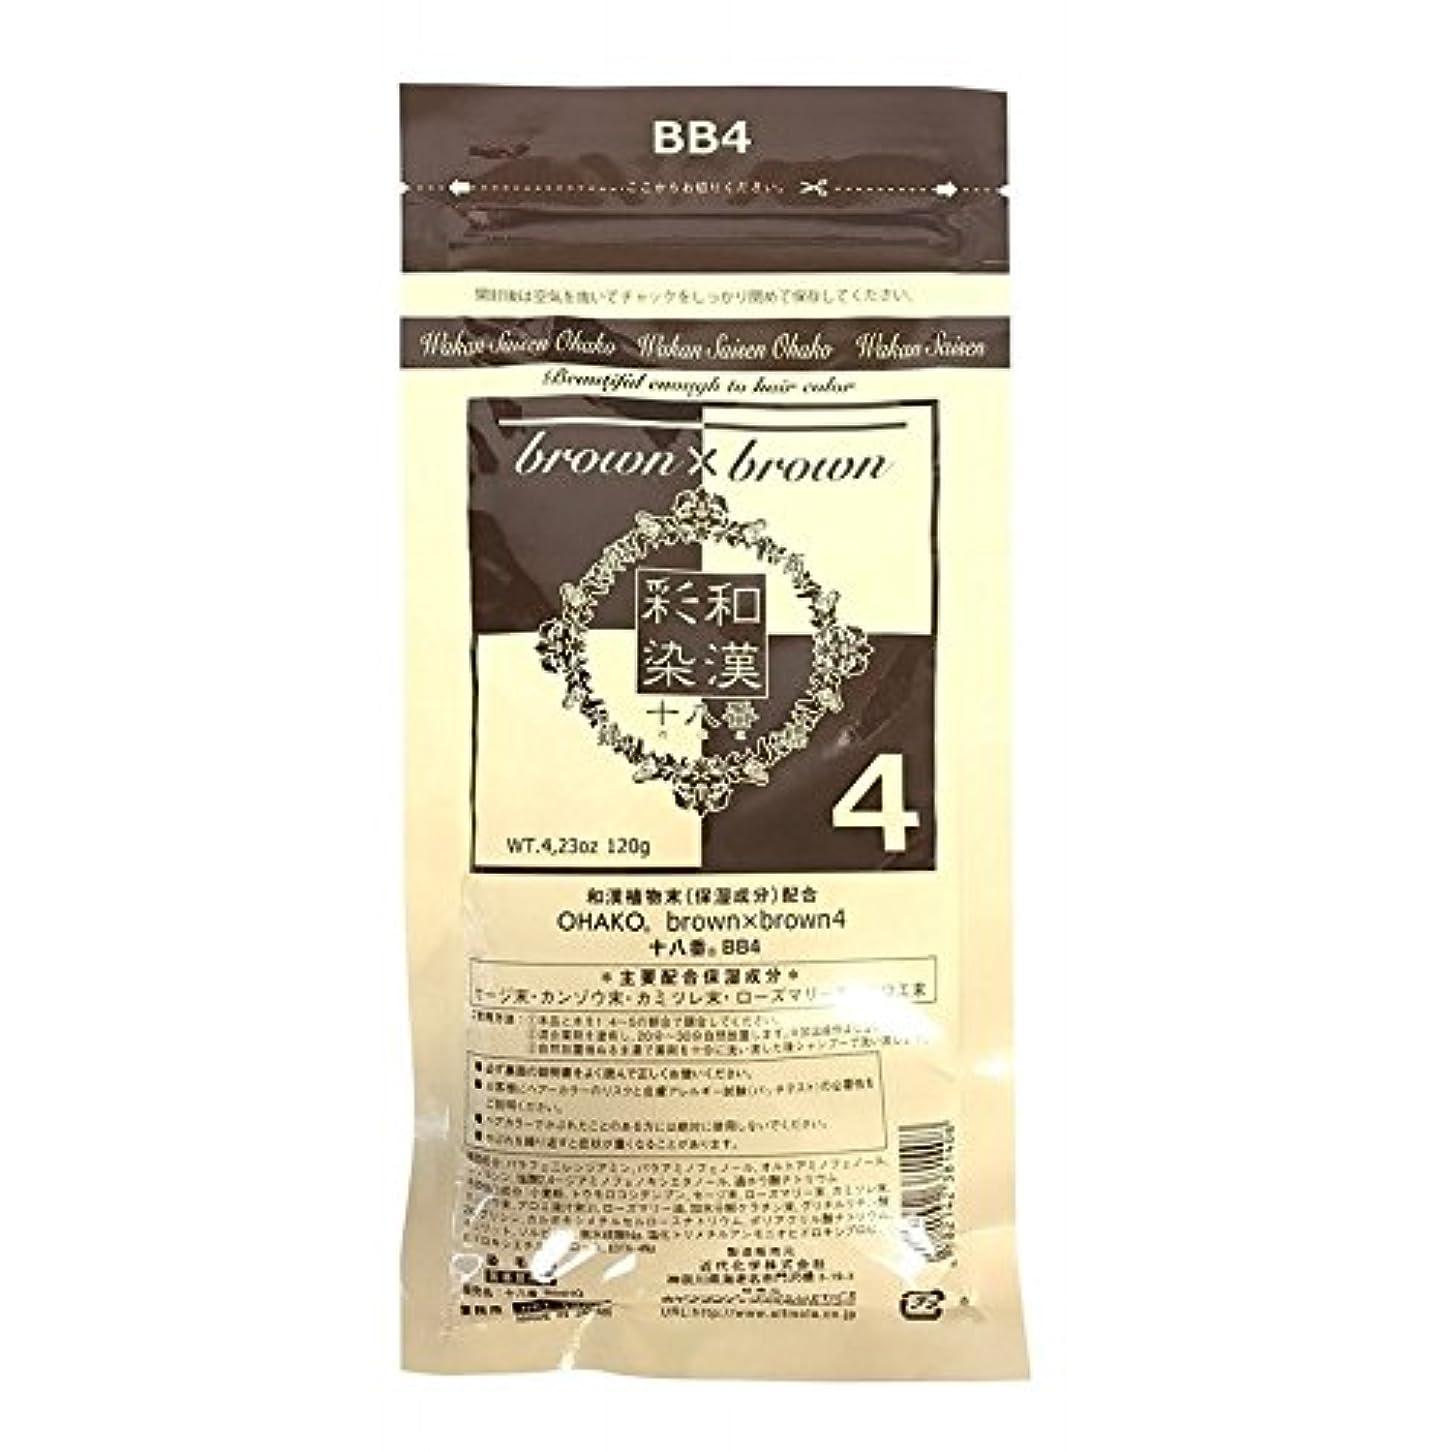 散るメイエラ障害グランデックス 和漢彩染 ブロコローレ BB4 120g